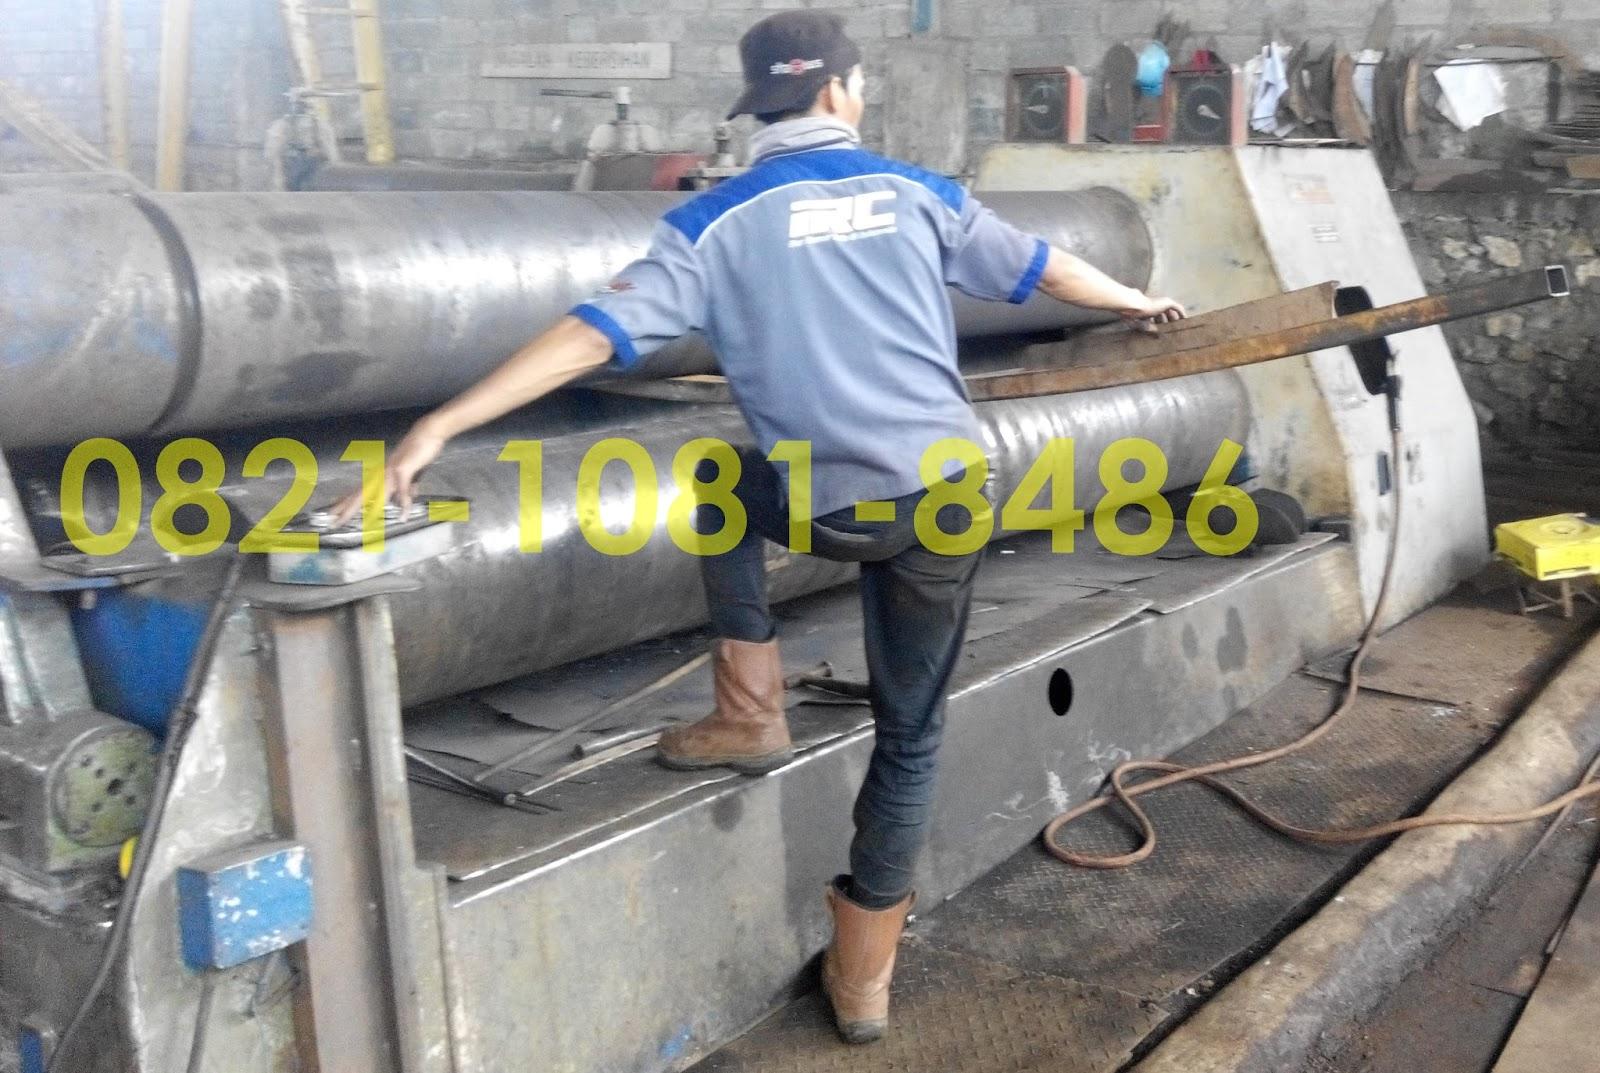 Jasa Roll Besi Hollow Wilayah Bogor Dan Sekitarnya Circuit Quotfrequency Meter Crystal Oscillator Testerquotmodif Dari Ini Proses